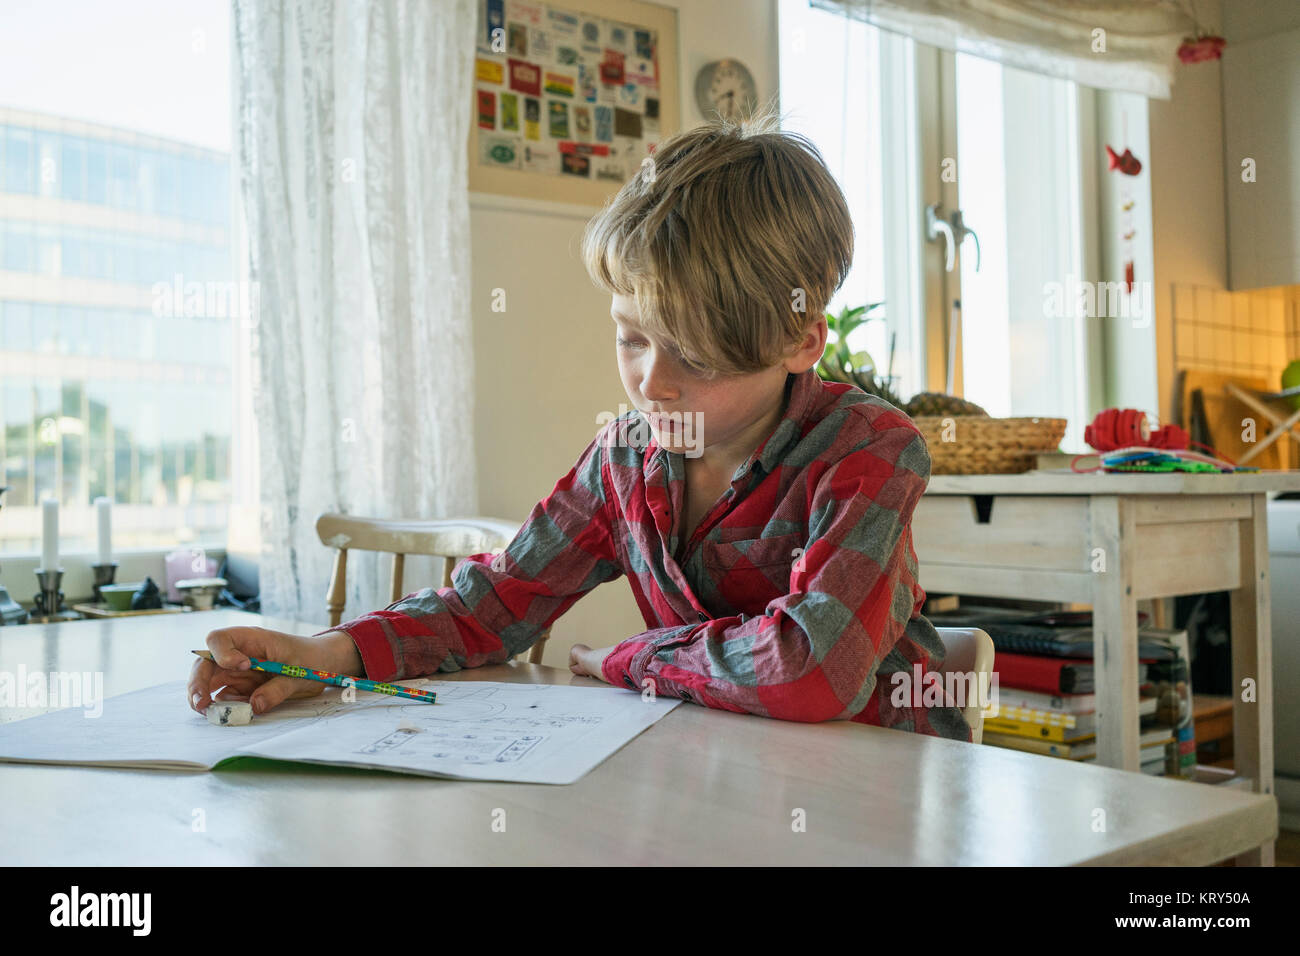 Un joven sentado en una mesa dibujo Imagen De Stock